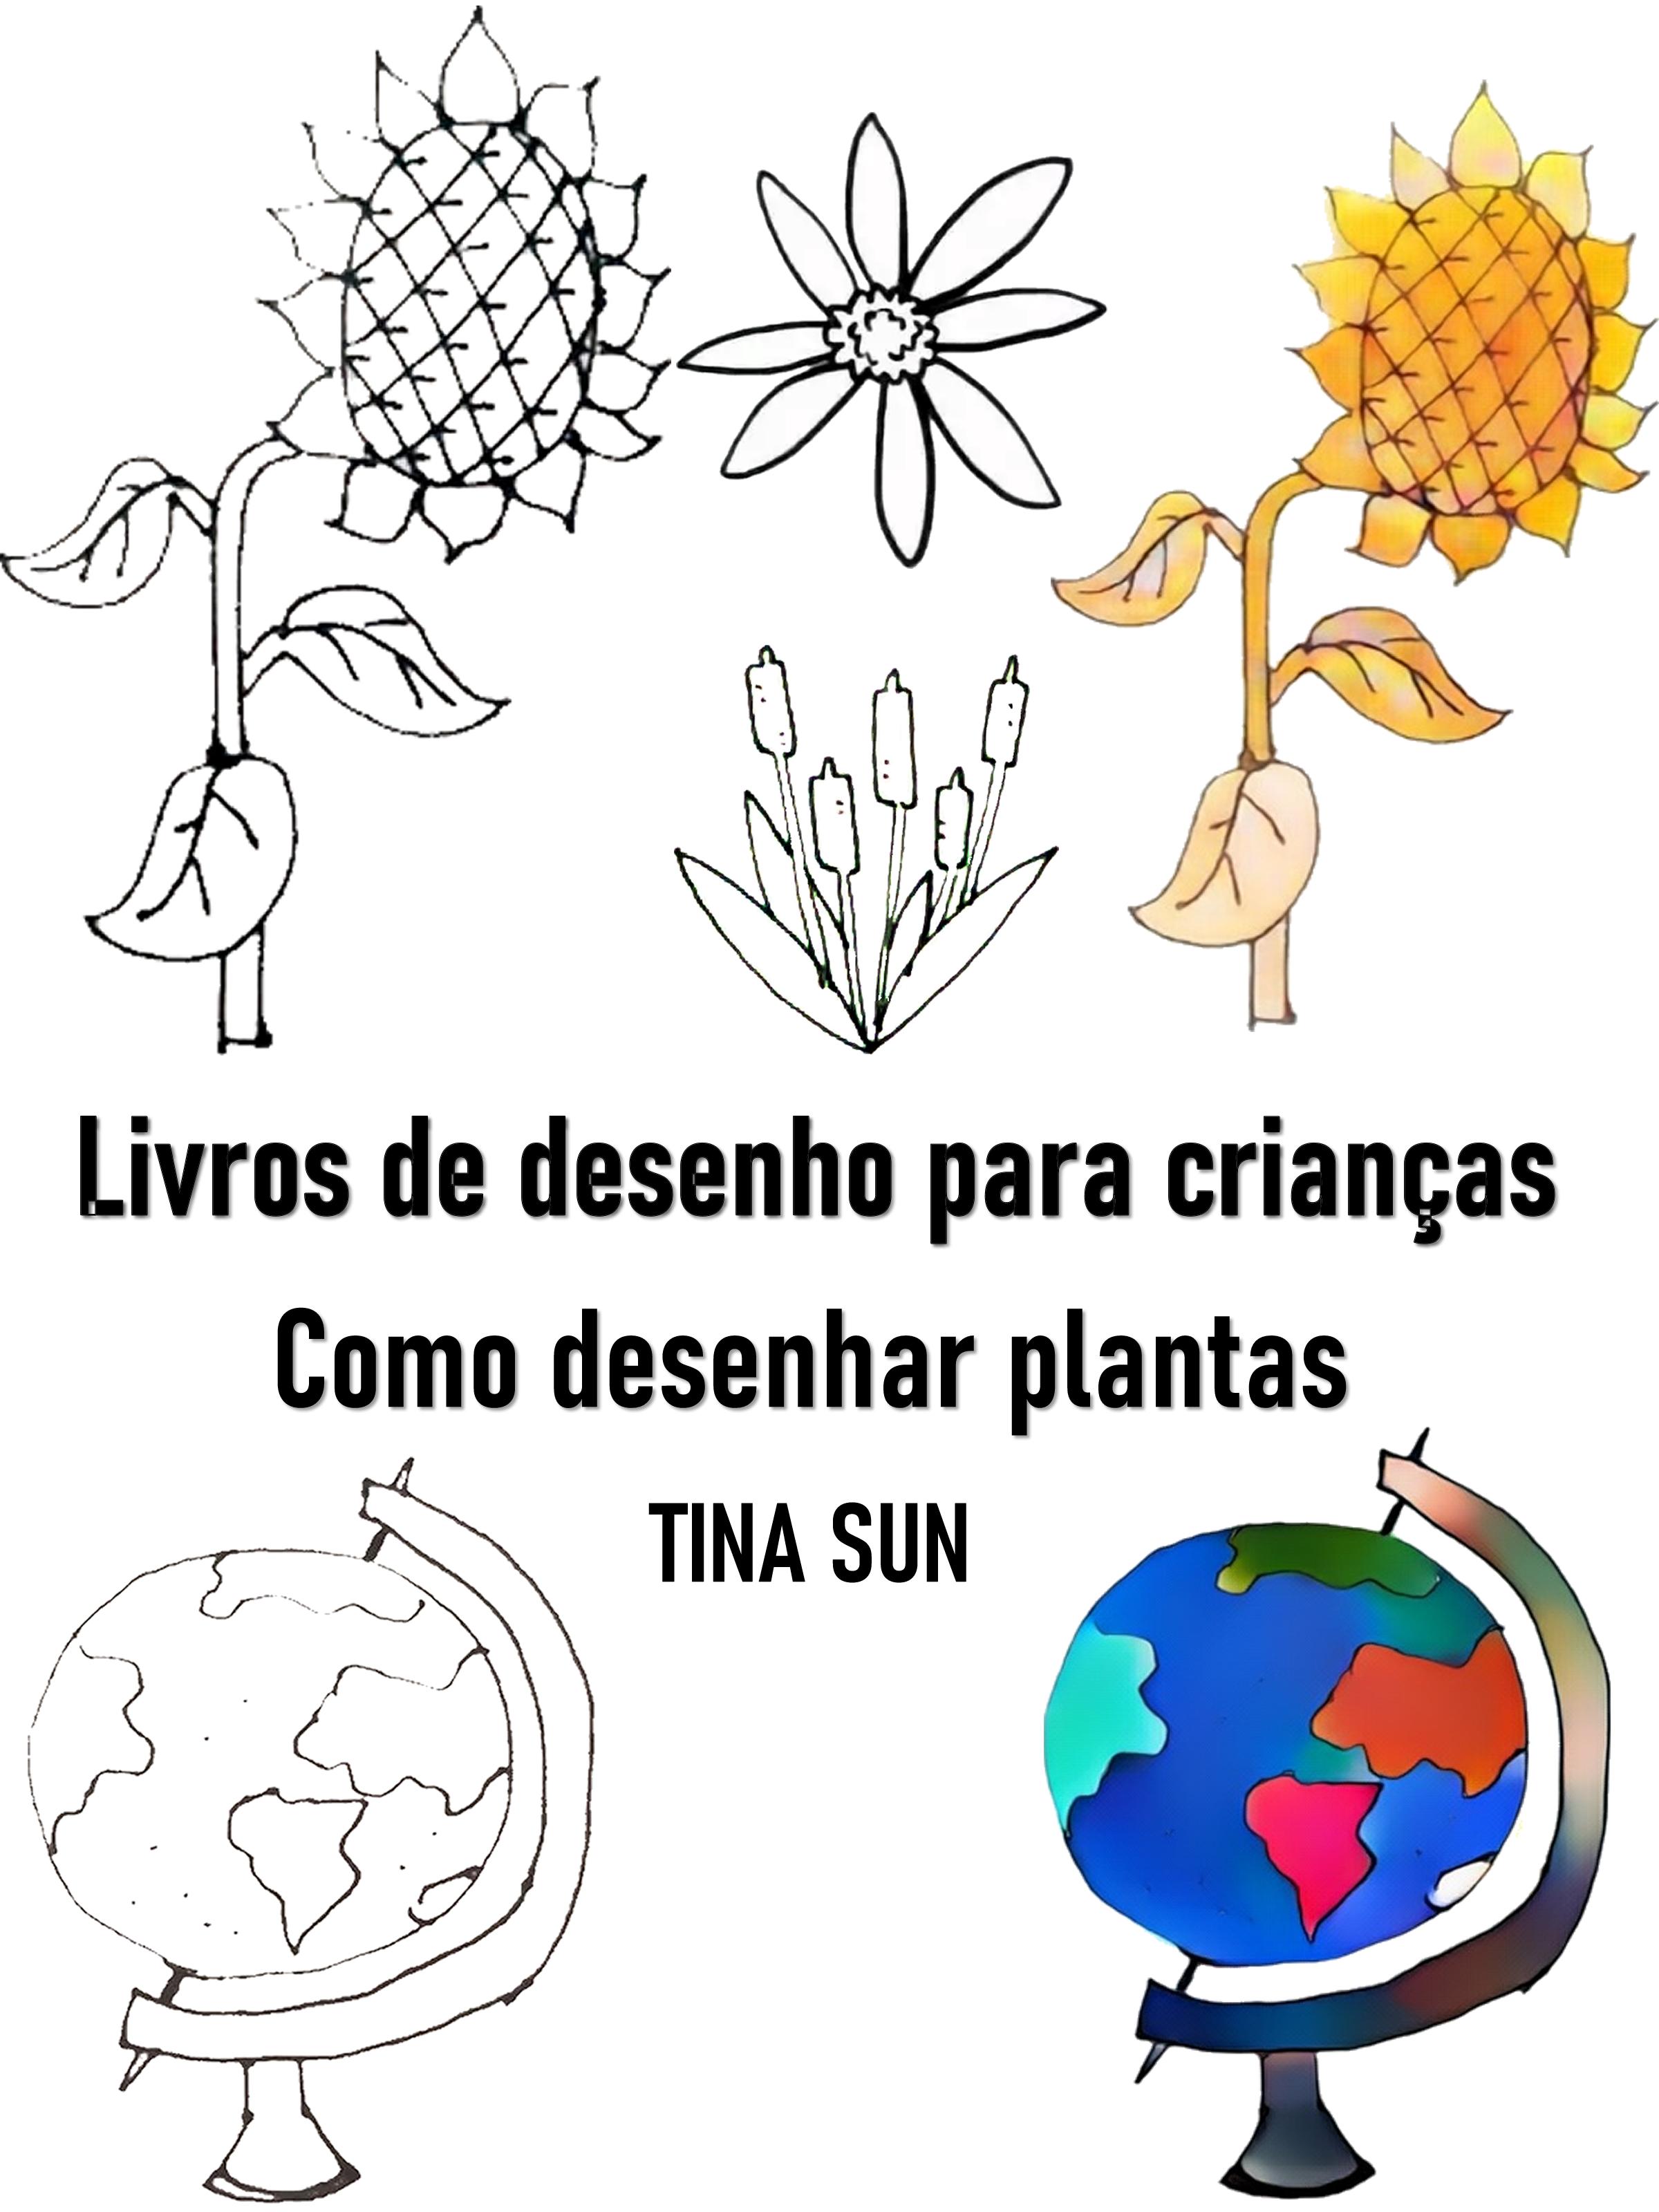 Tina Sun Livros de desenho para crianças:Como desenhar plantas e lambert 12 etudes pour cor chromatique